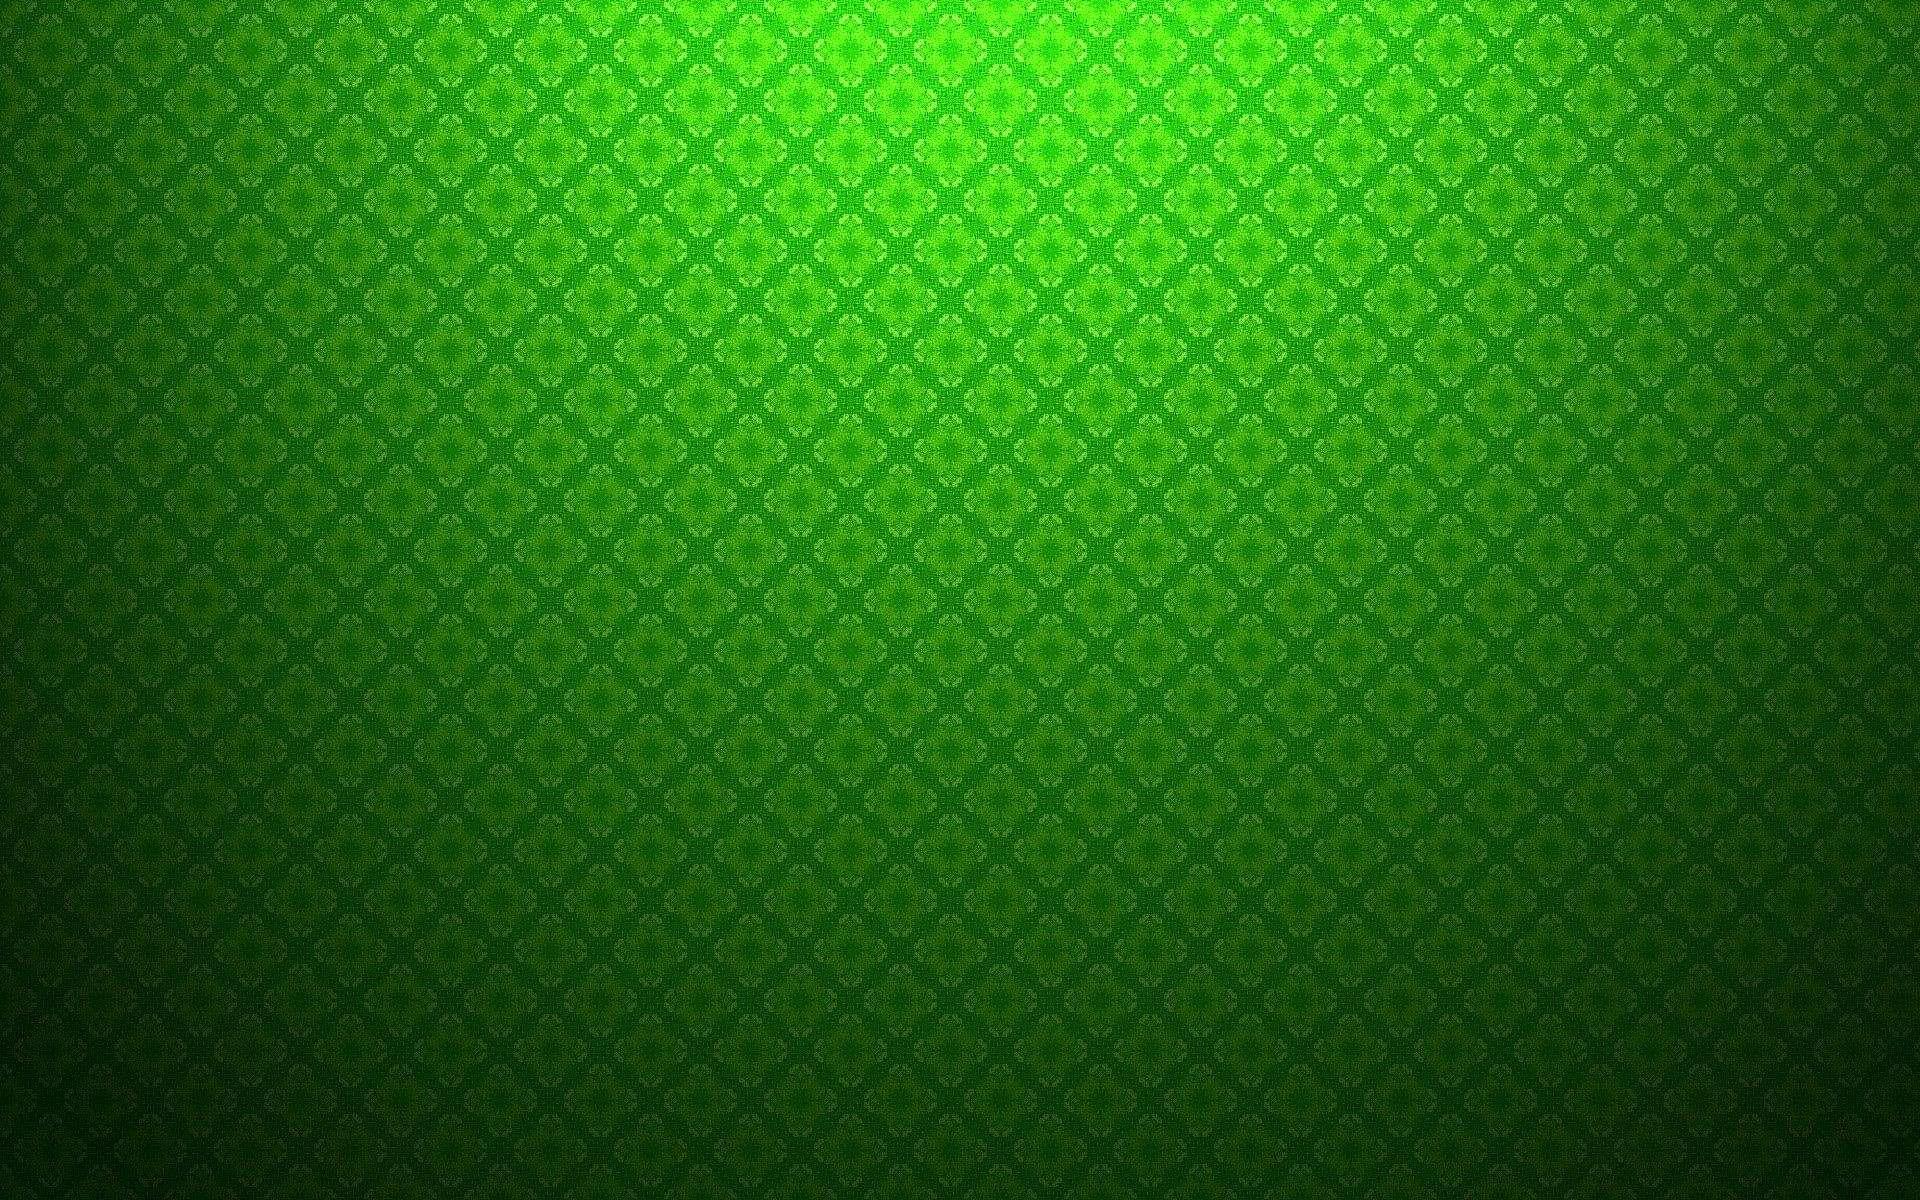 картинки с зеленым фоном термобелье WARM